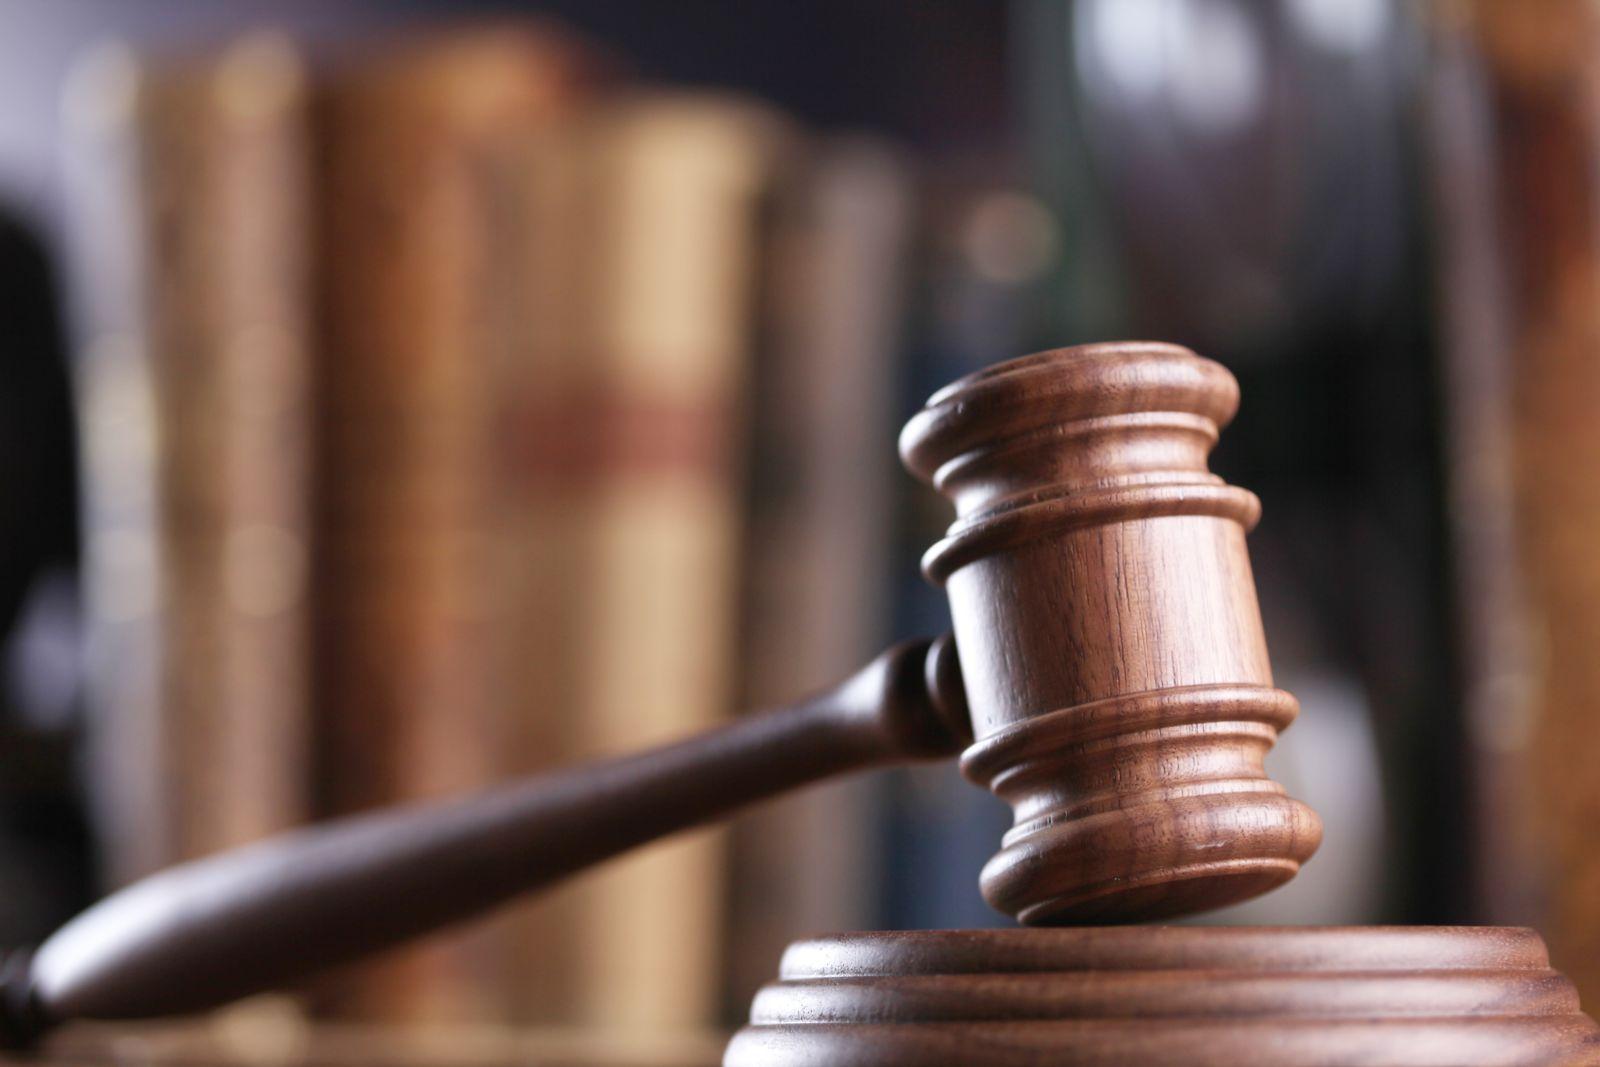 Министерством строительства и архитектуры Ульяновской области объявлен аукцион на право заключения договоров аренды в г.Ульяновск